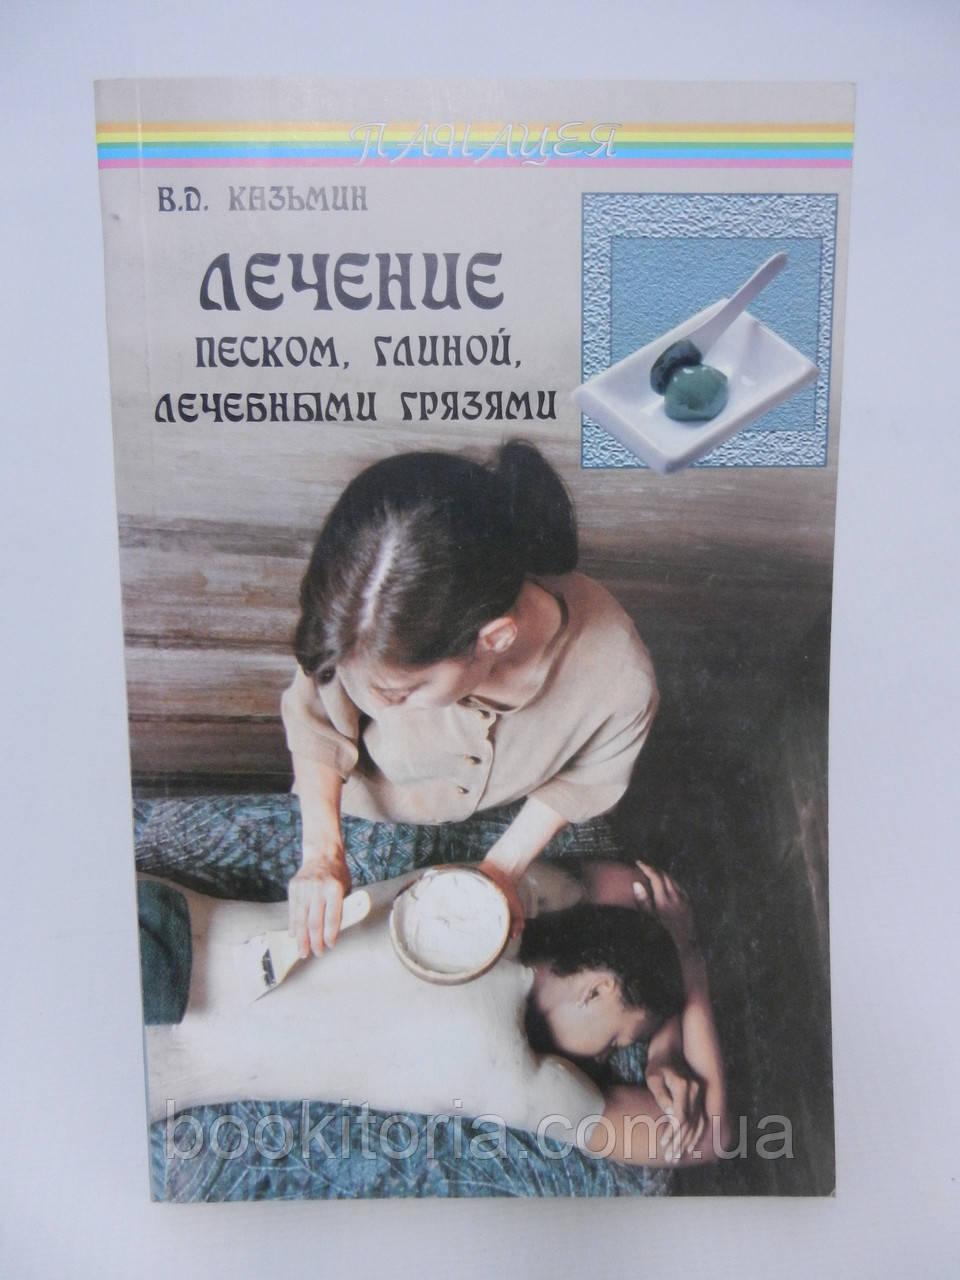 Казьмин В.Д. Лечение песком, глиной, лечебными грязями (б/у).